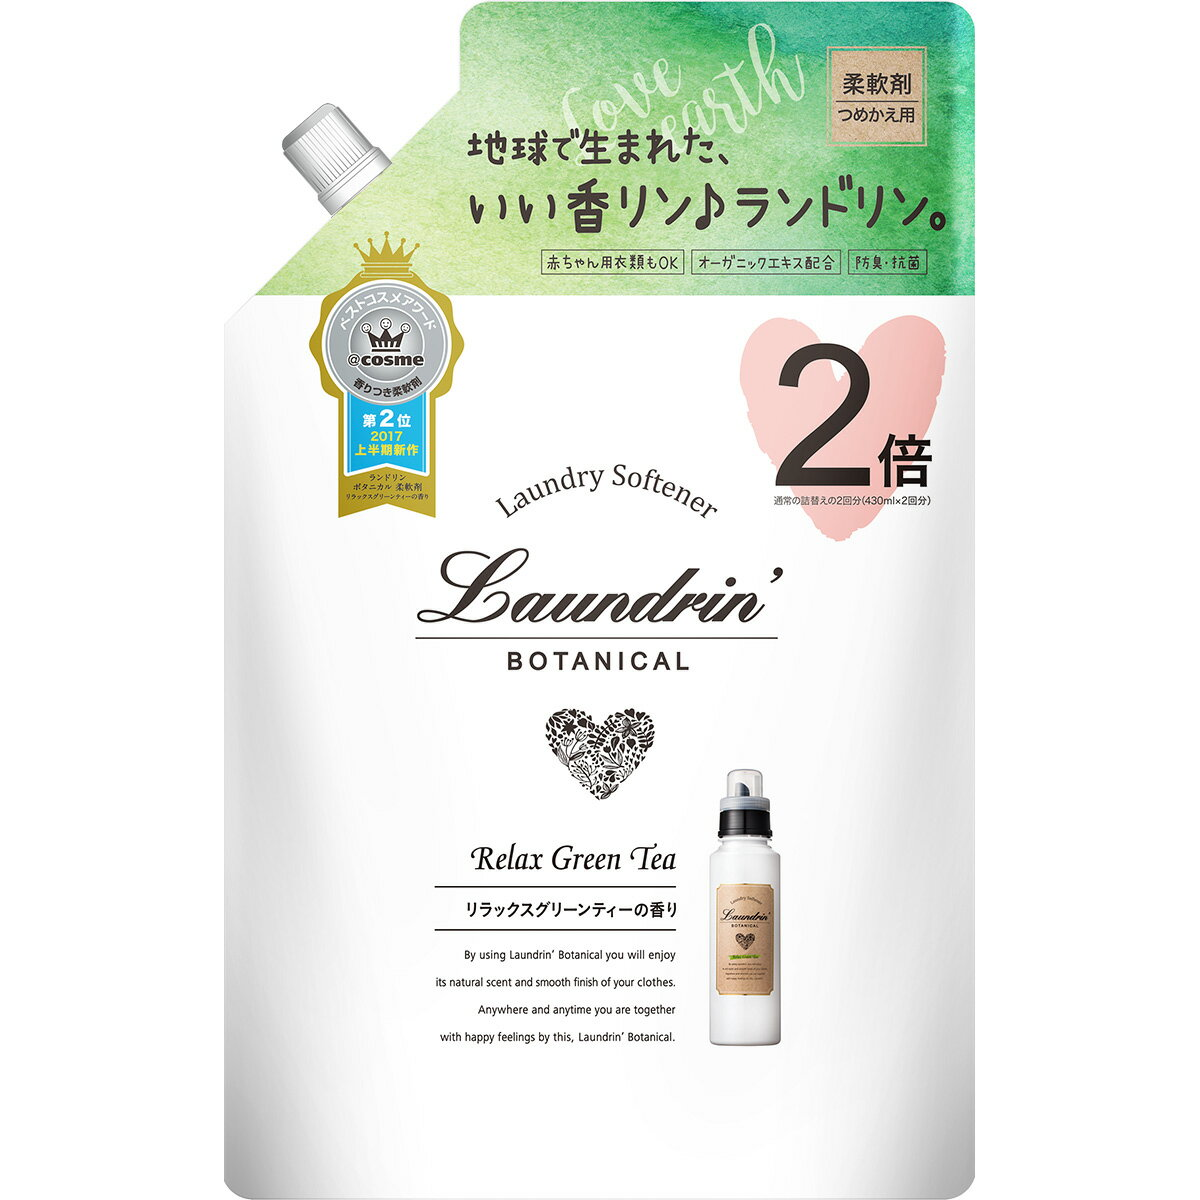 【ポイント10倍】ランドリン ボタニカル 柔軟剤 詰め替え リラックスグリーンティー 大容量 860ml